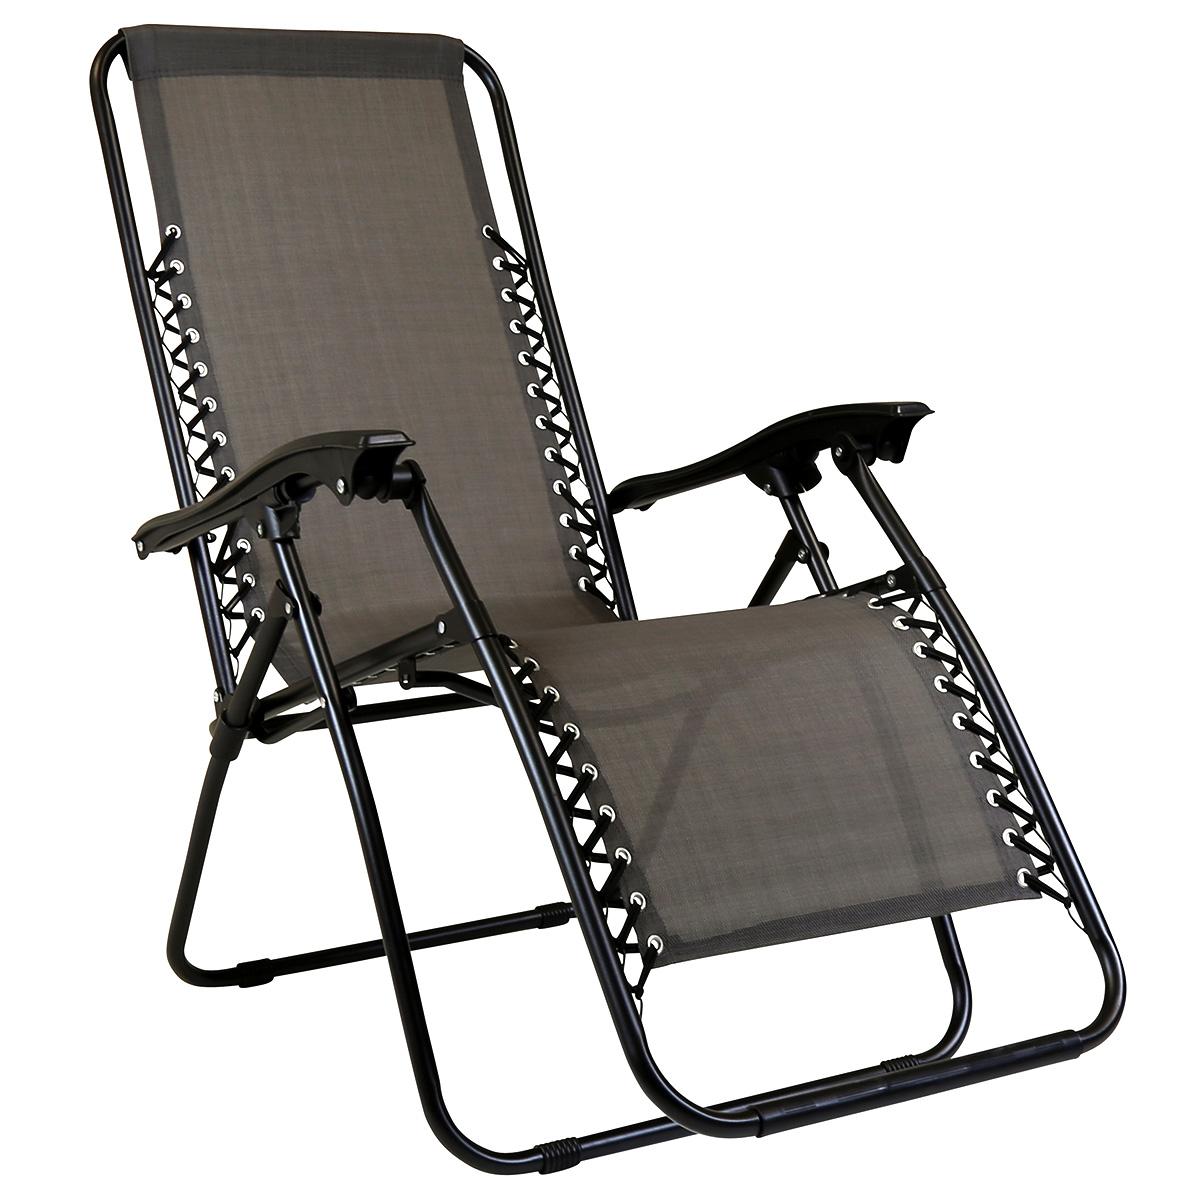 Charles-Bentley-Folding-Reclining-Garden-Chair-C&ing-Recliner-  sc 1 st  eBay & Charles Bentley Folding Reclining Garden Chair Camping Recliner ... islam-shia.org